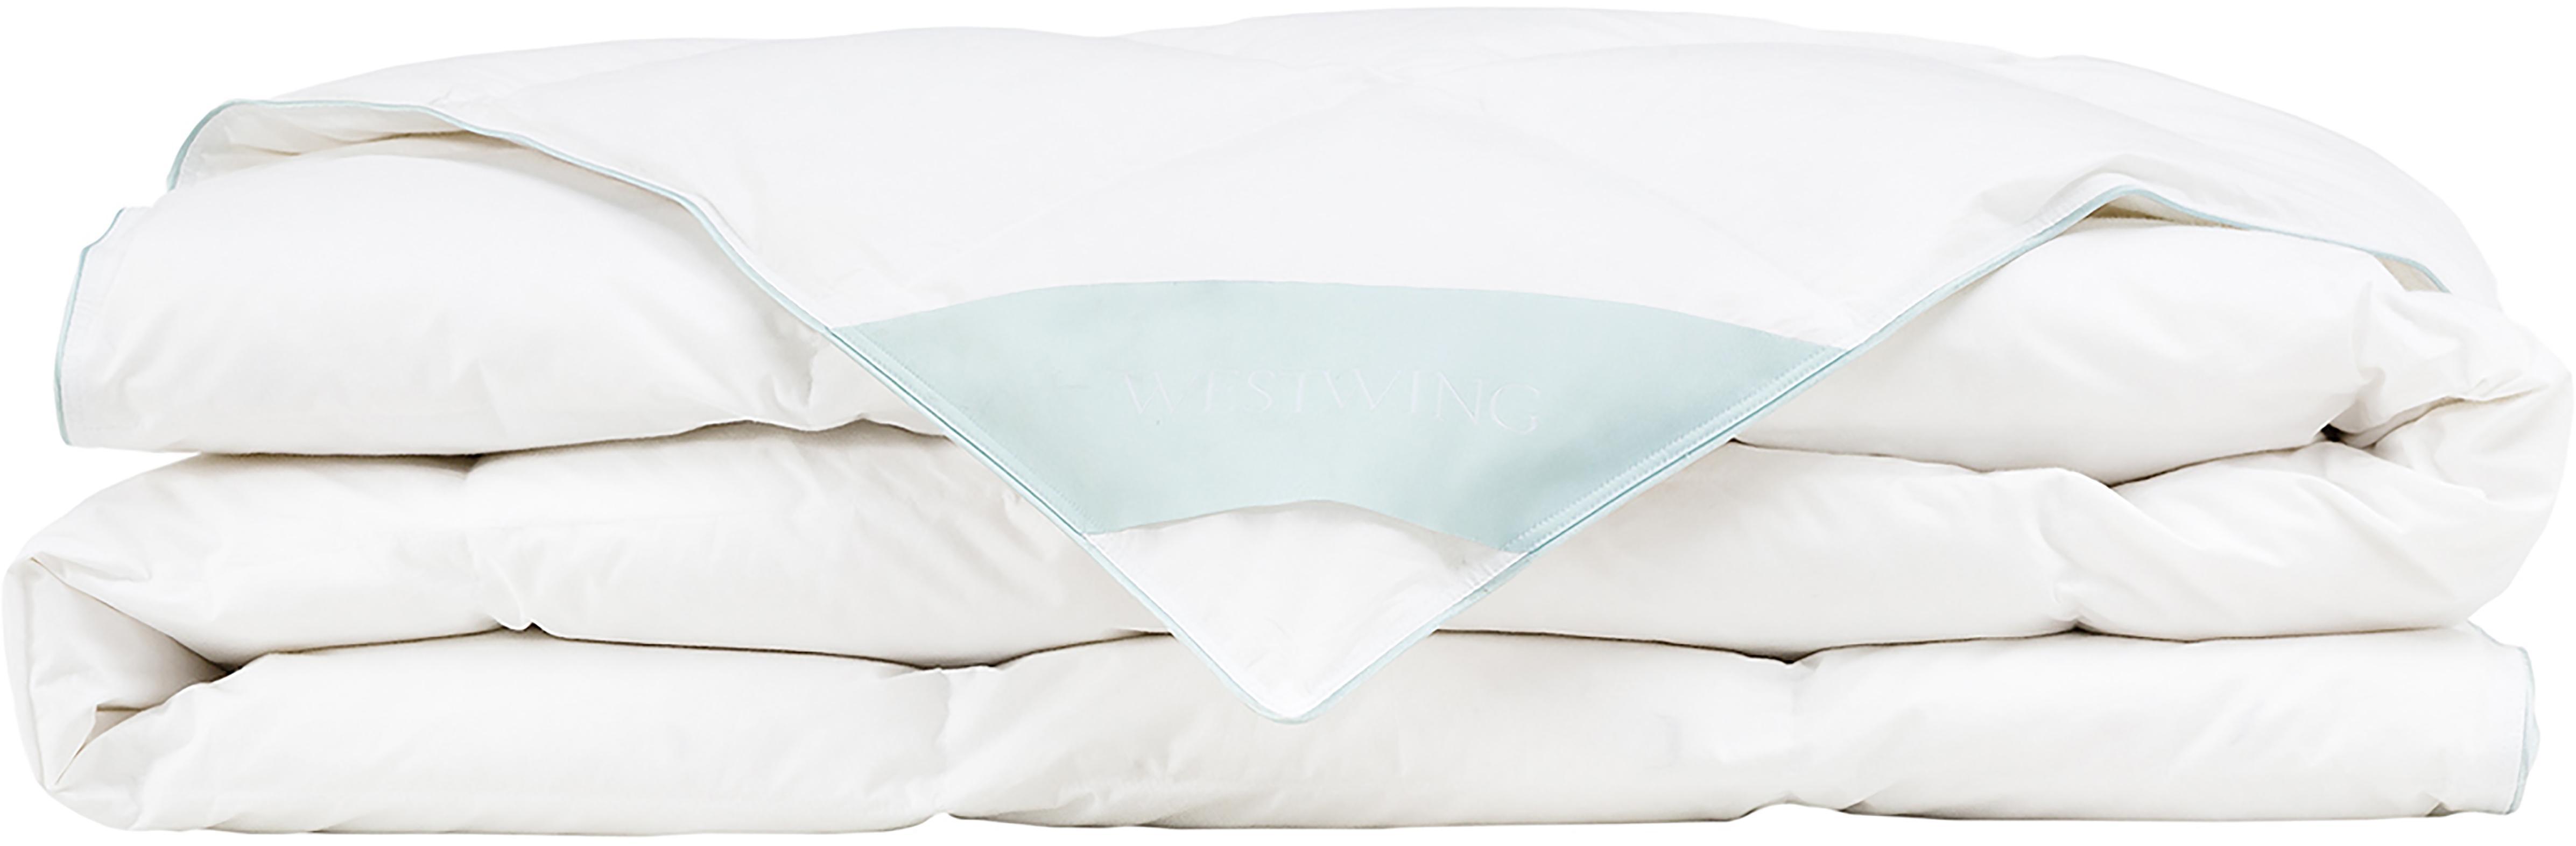 Daunen-Bettdecke Comfort, extra leicht, Hülle: 100% Baumwolle, feine Mak, Weiß, 240 x 220 cm